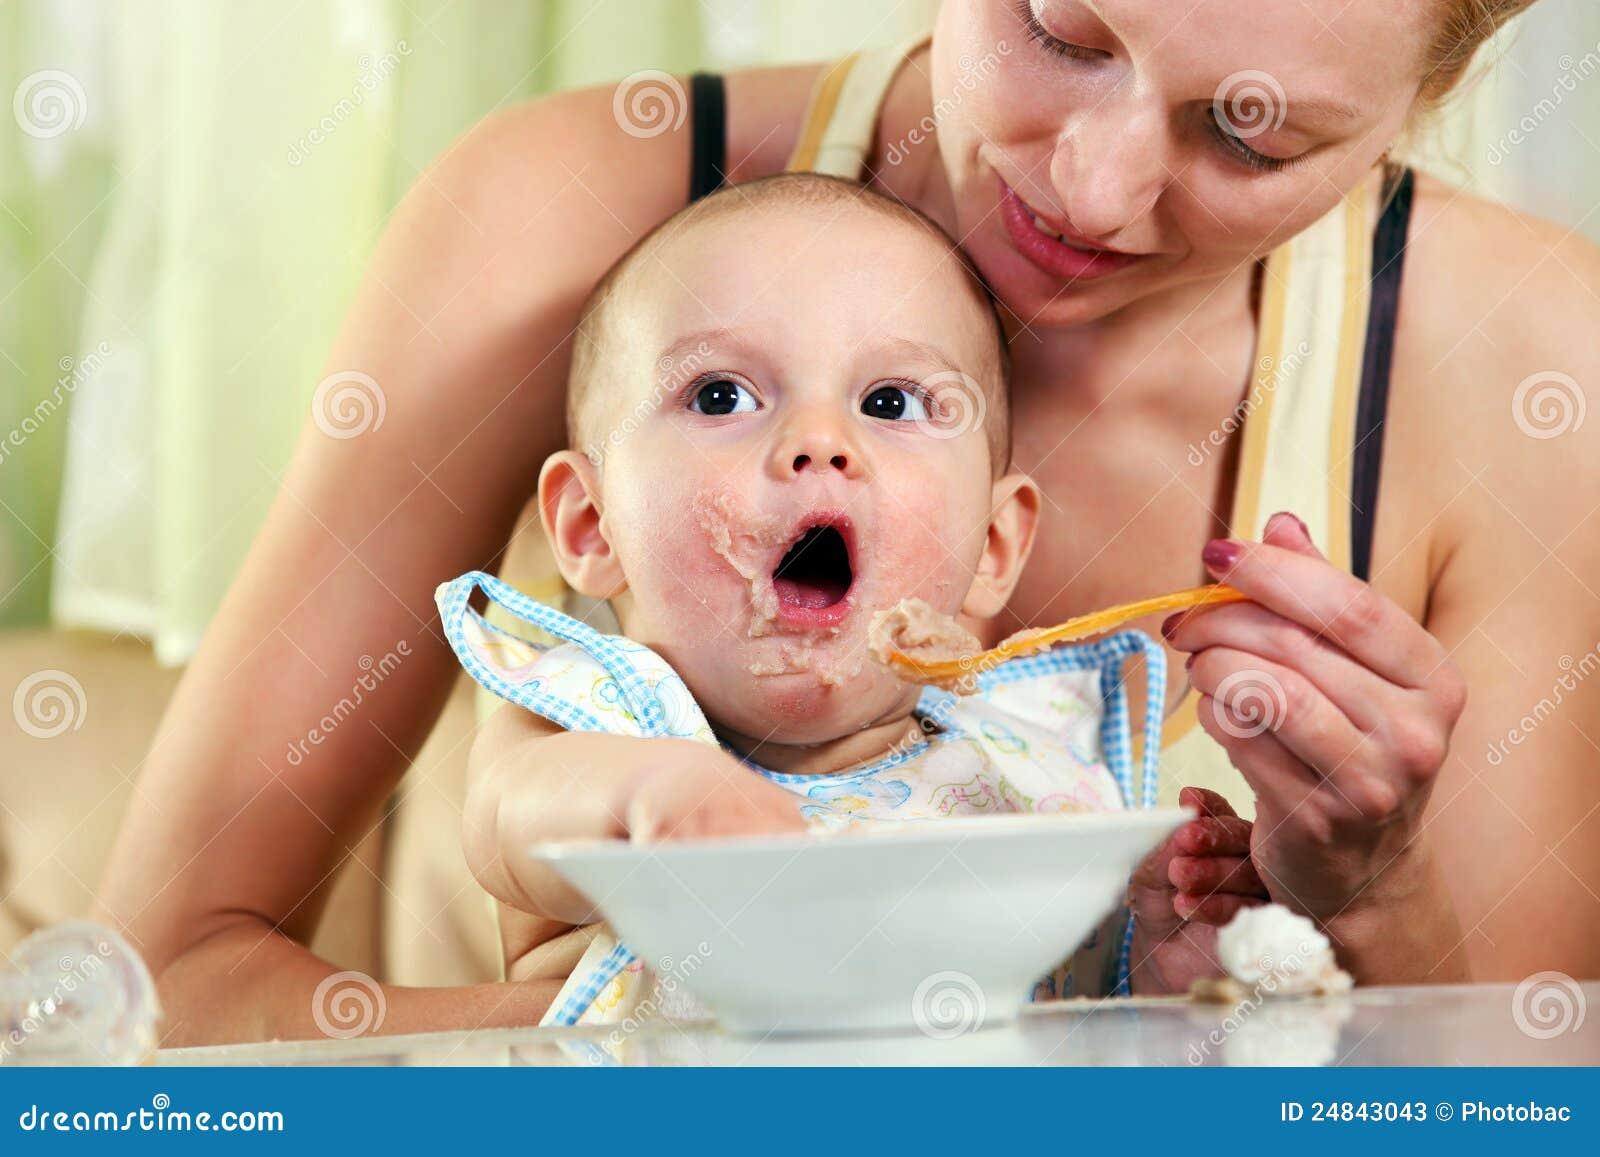 a adult baby feeding